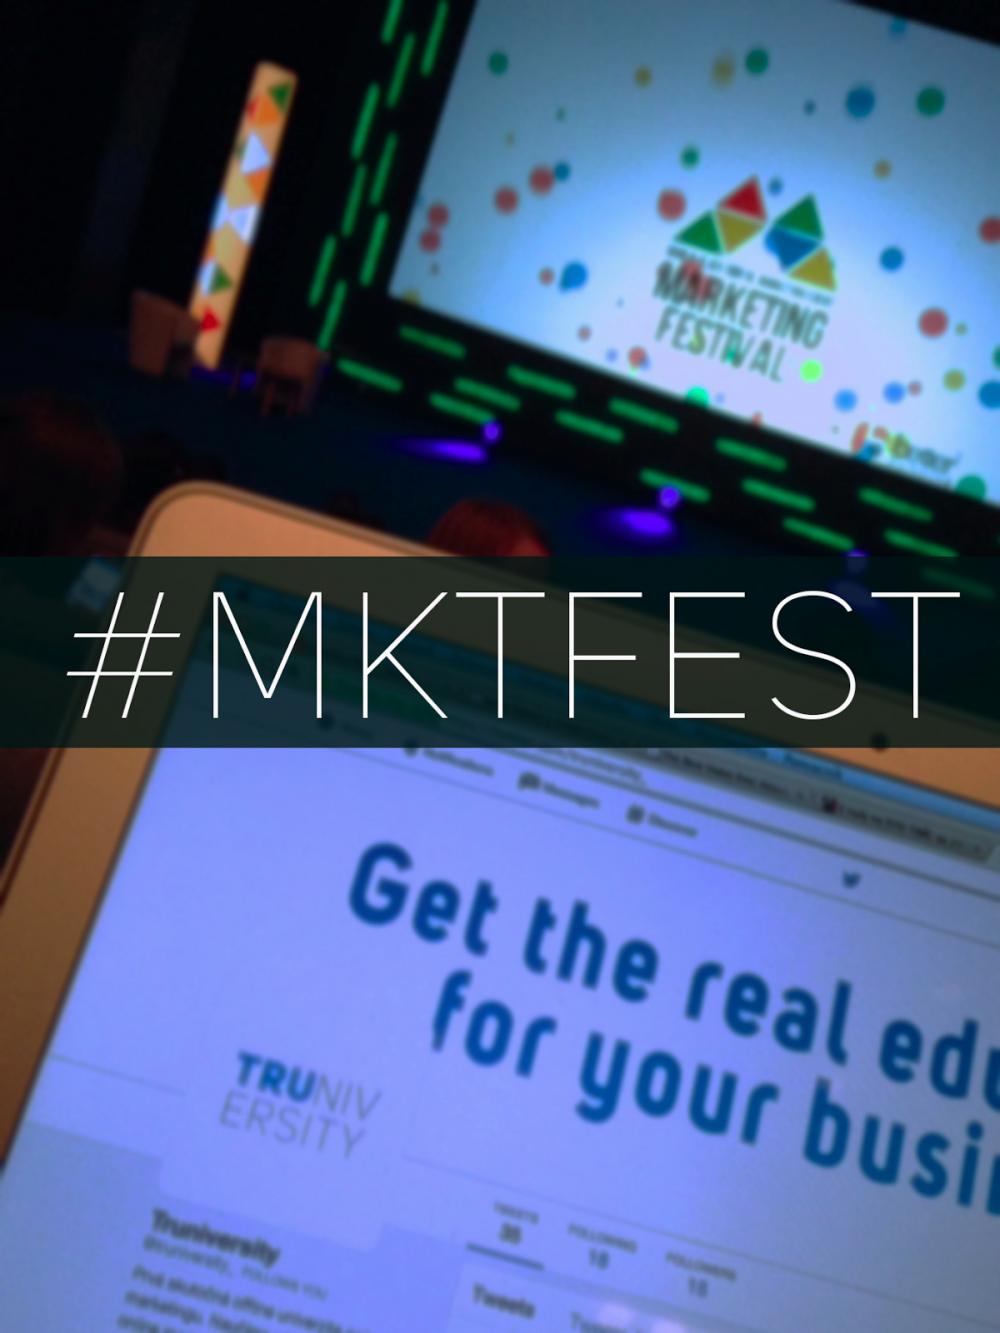 #MKTFEST 2014 Brno - Truniversity